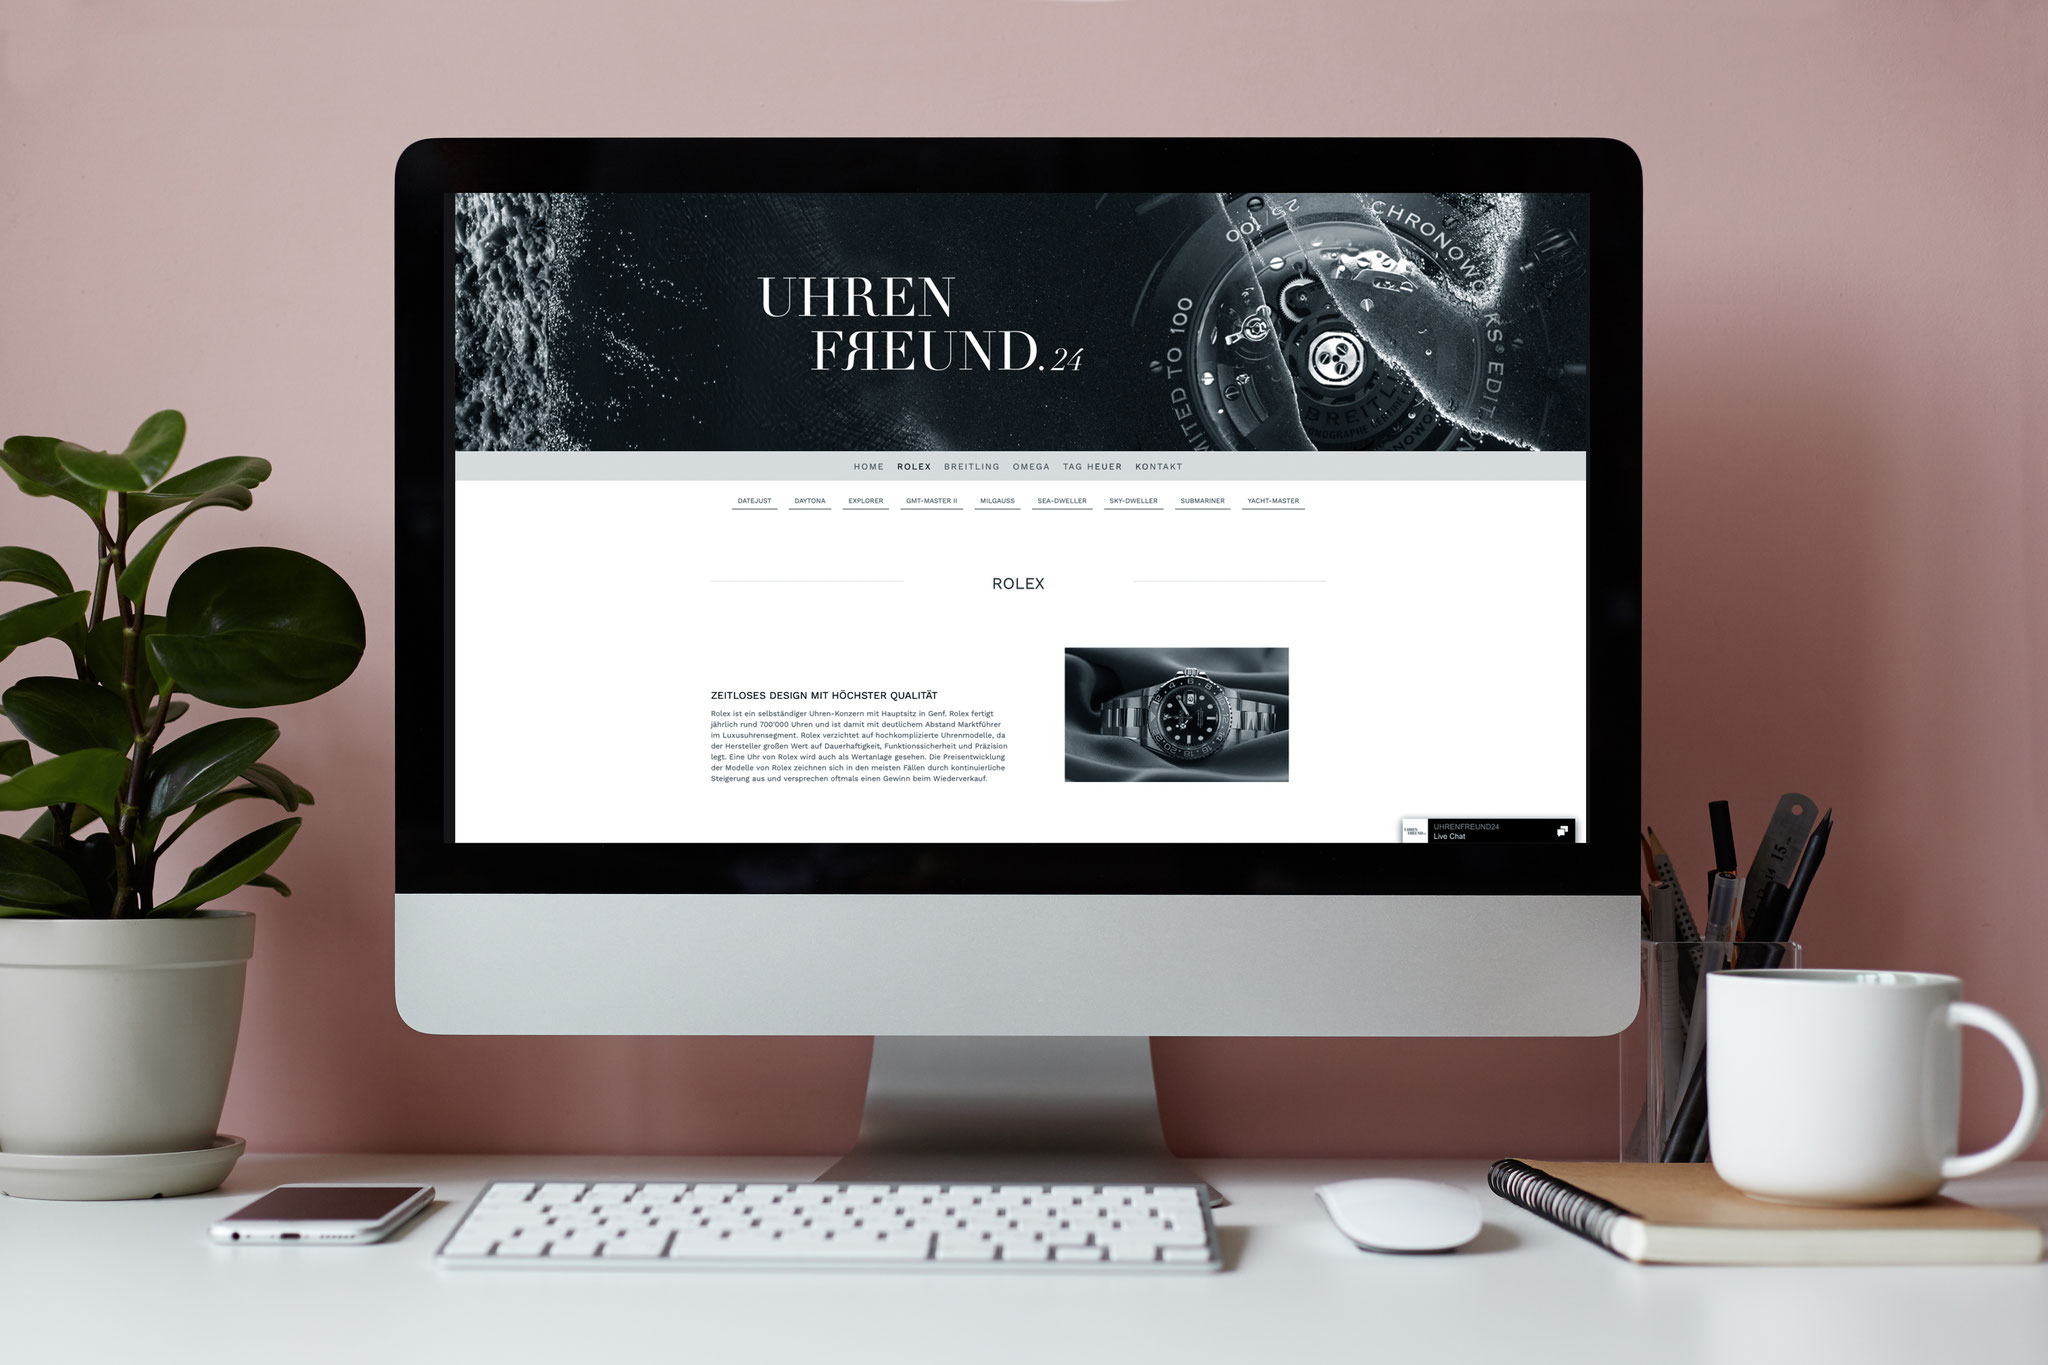 Neues Ci für den Luxusuhren Onlineshop uhrenfreund24